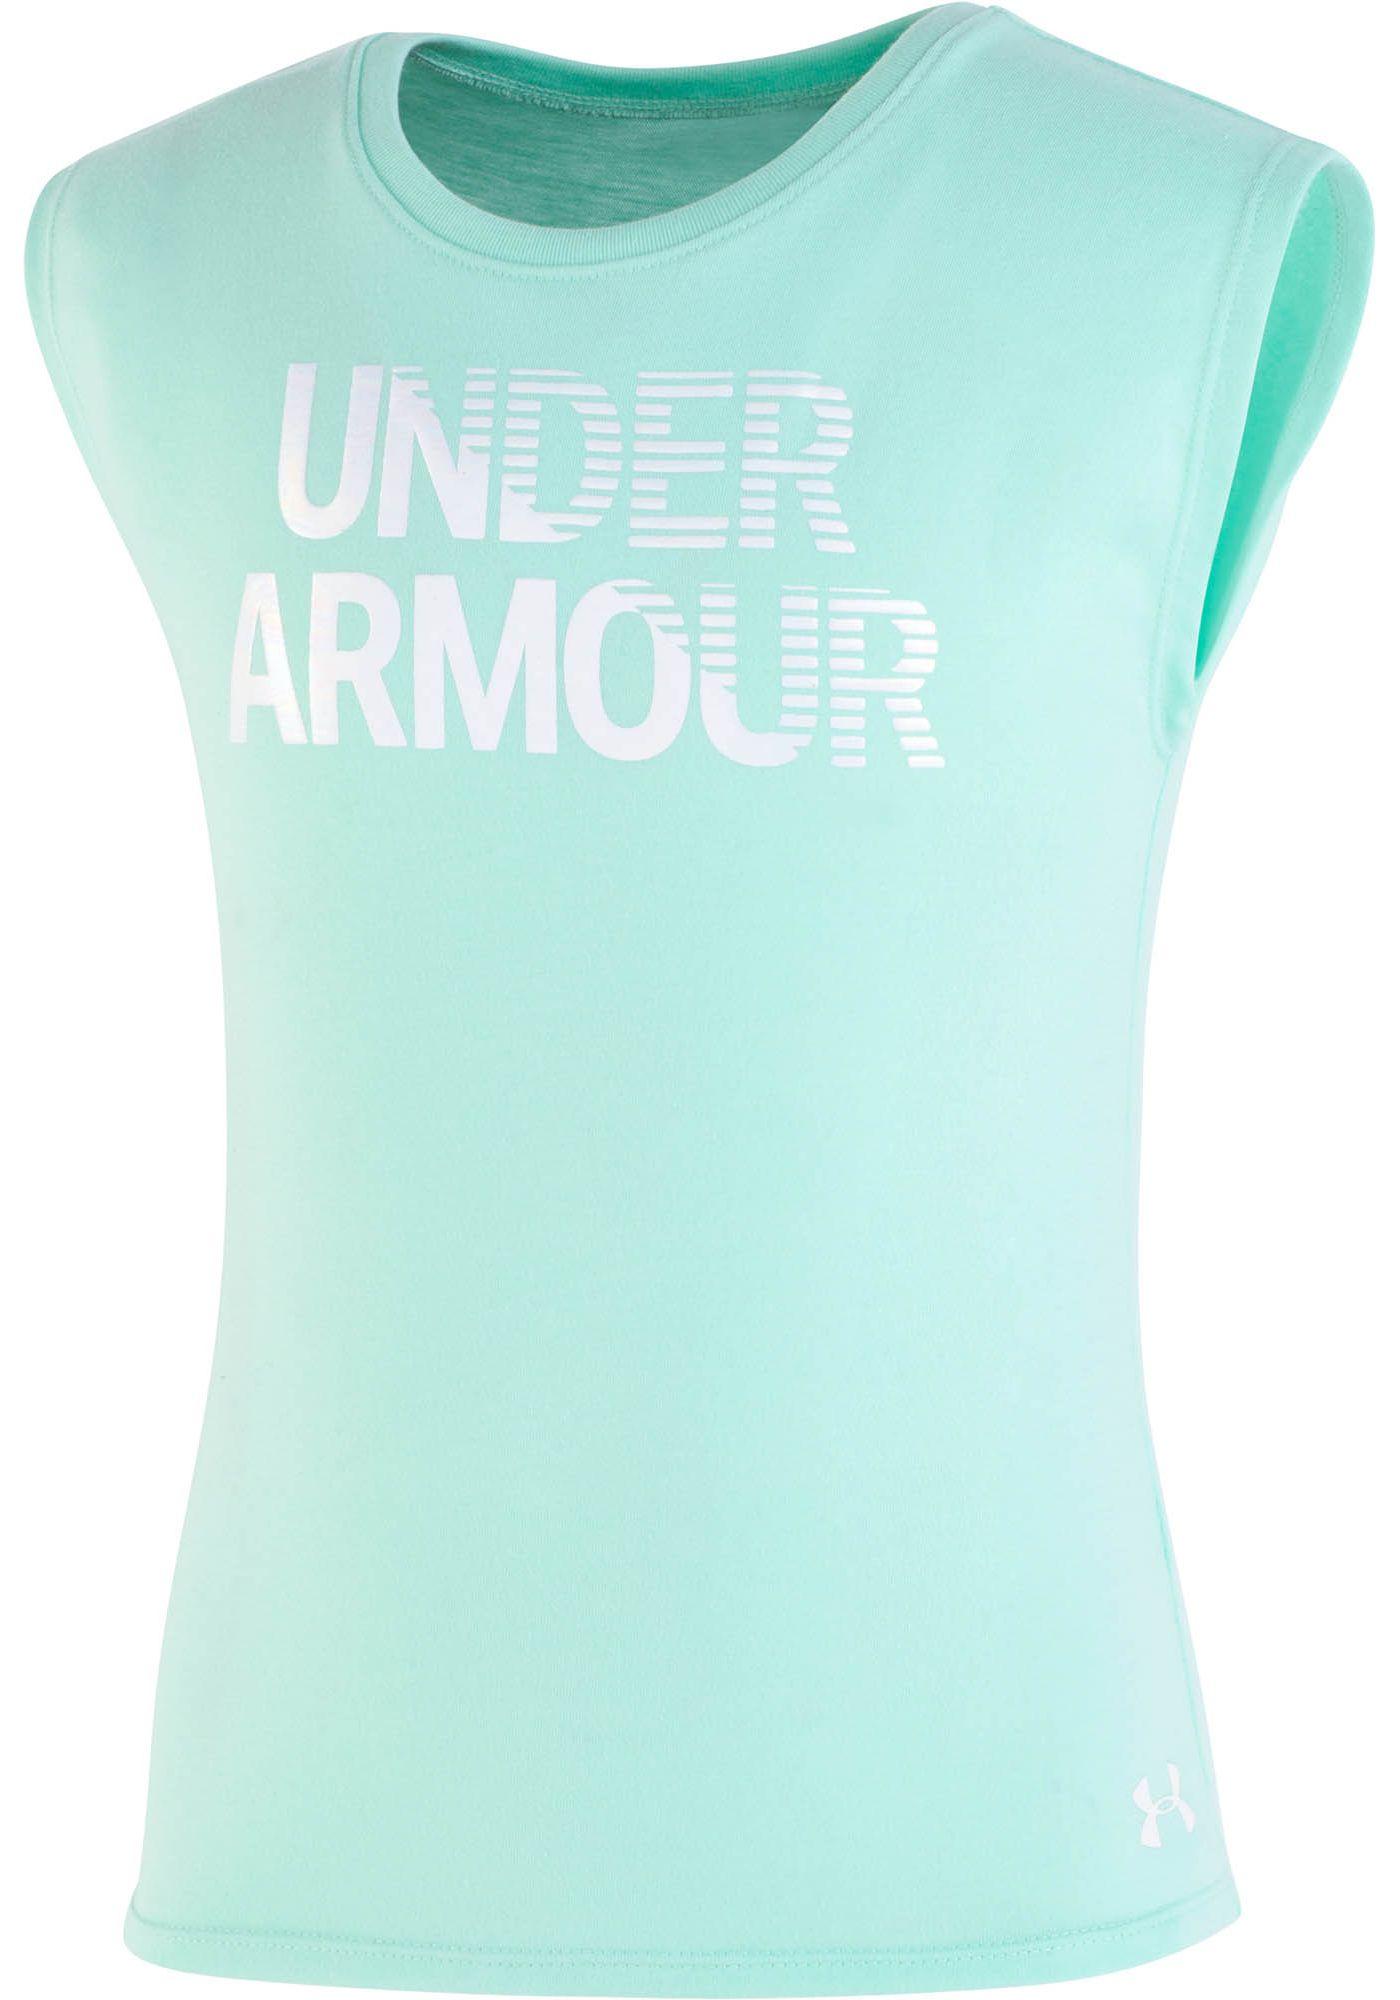 Under Armour Little Girls' Wordmark Graphic T-Shirt